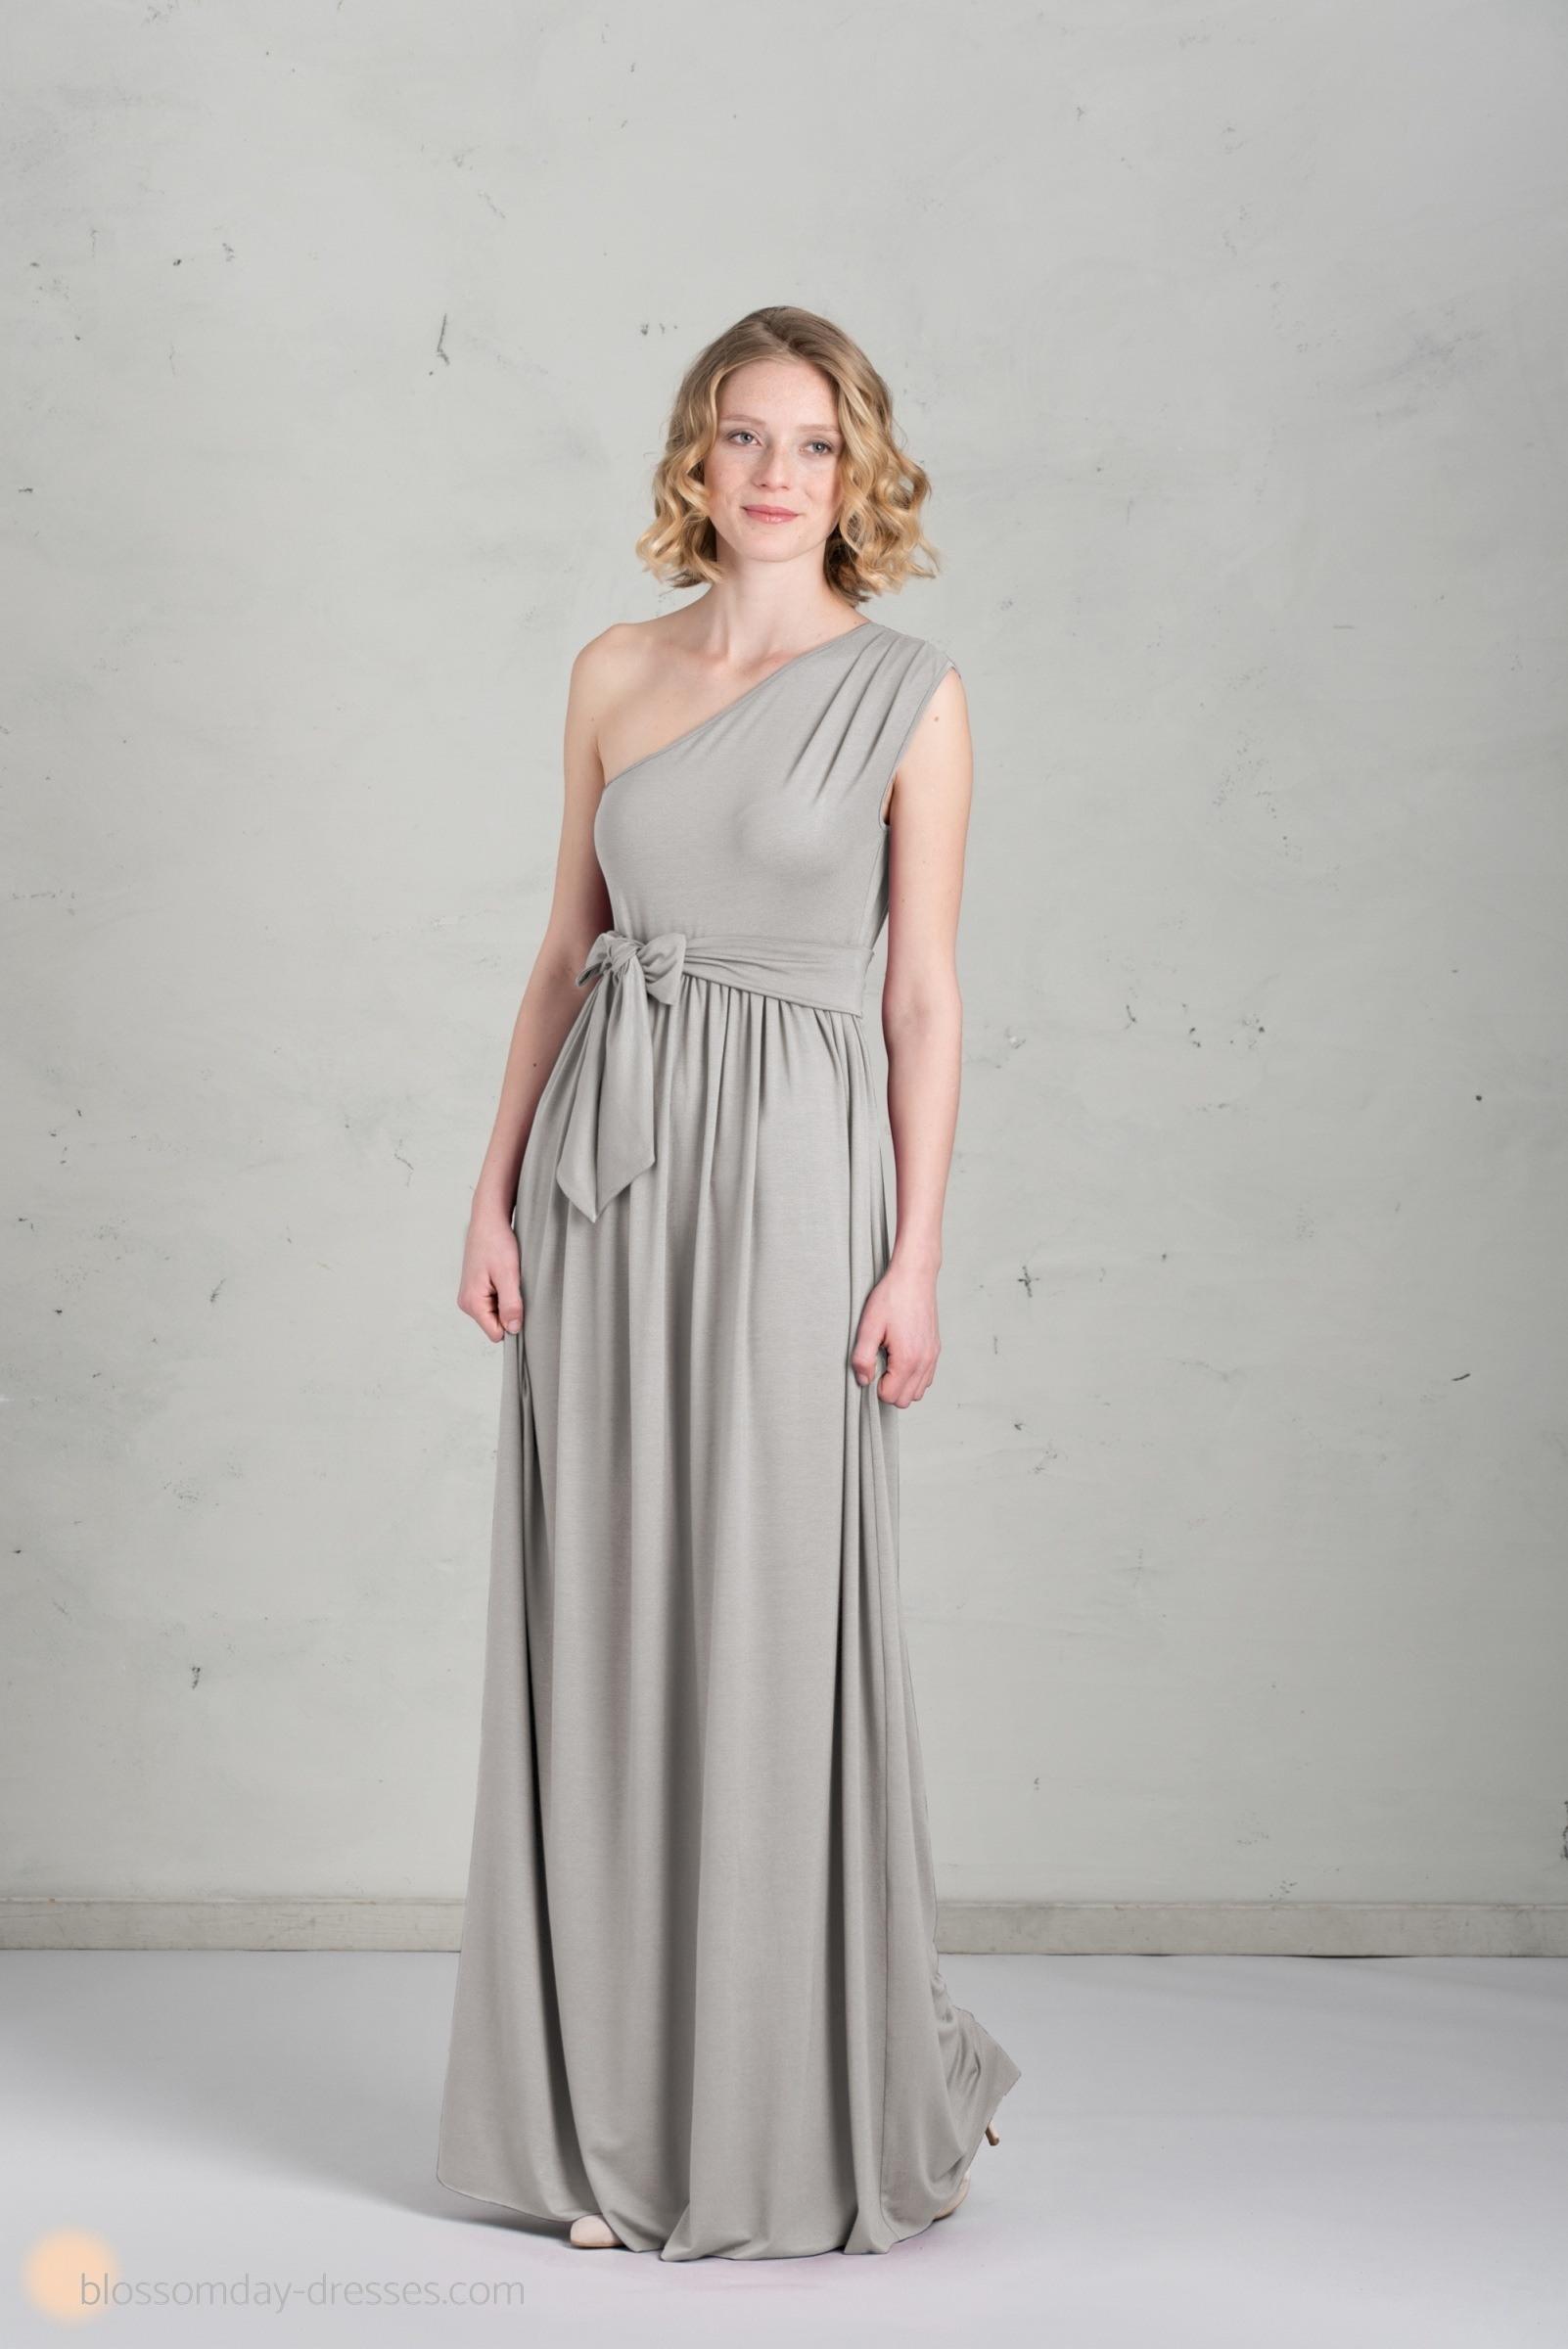 20 Genial Kleid Lang Beige Stylish Erstaunlich Kleid Lang Beige Stylish